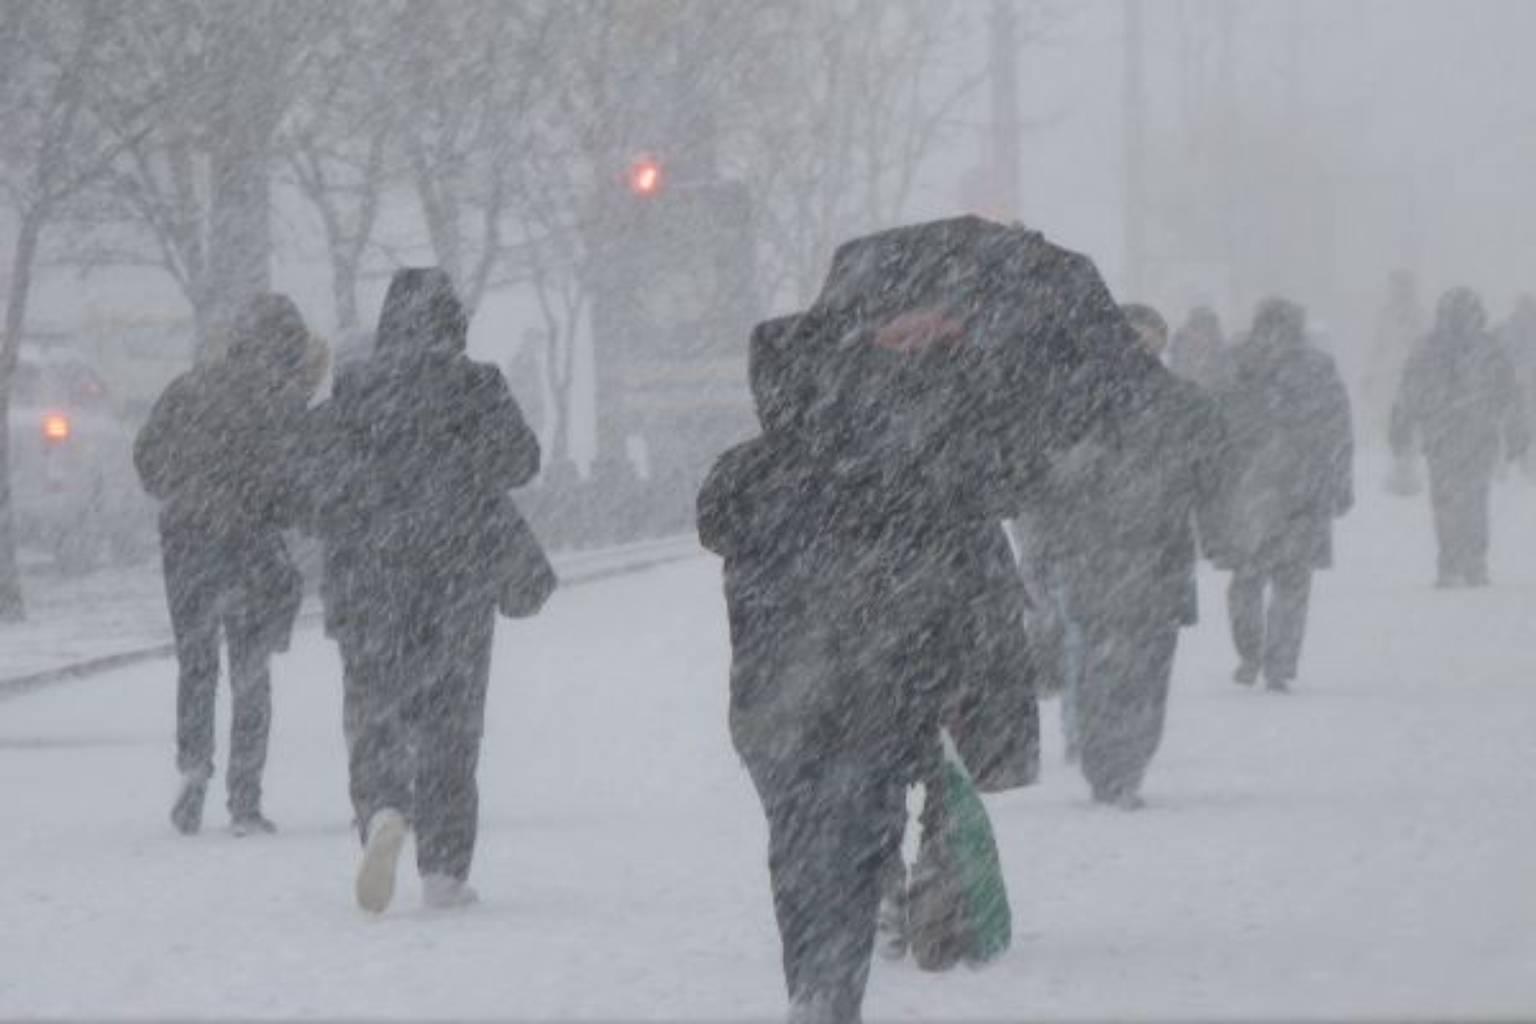 На дорогу лучше не выходить: на Украину надвигается мощный снегопад